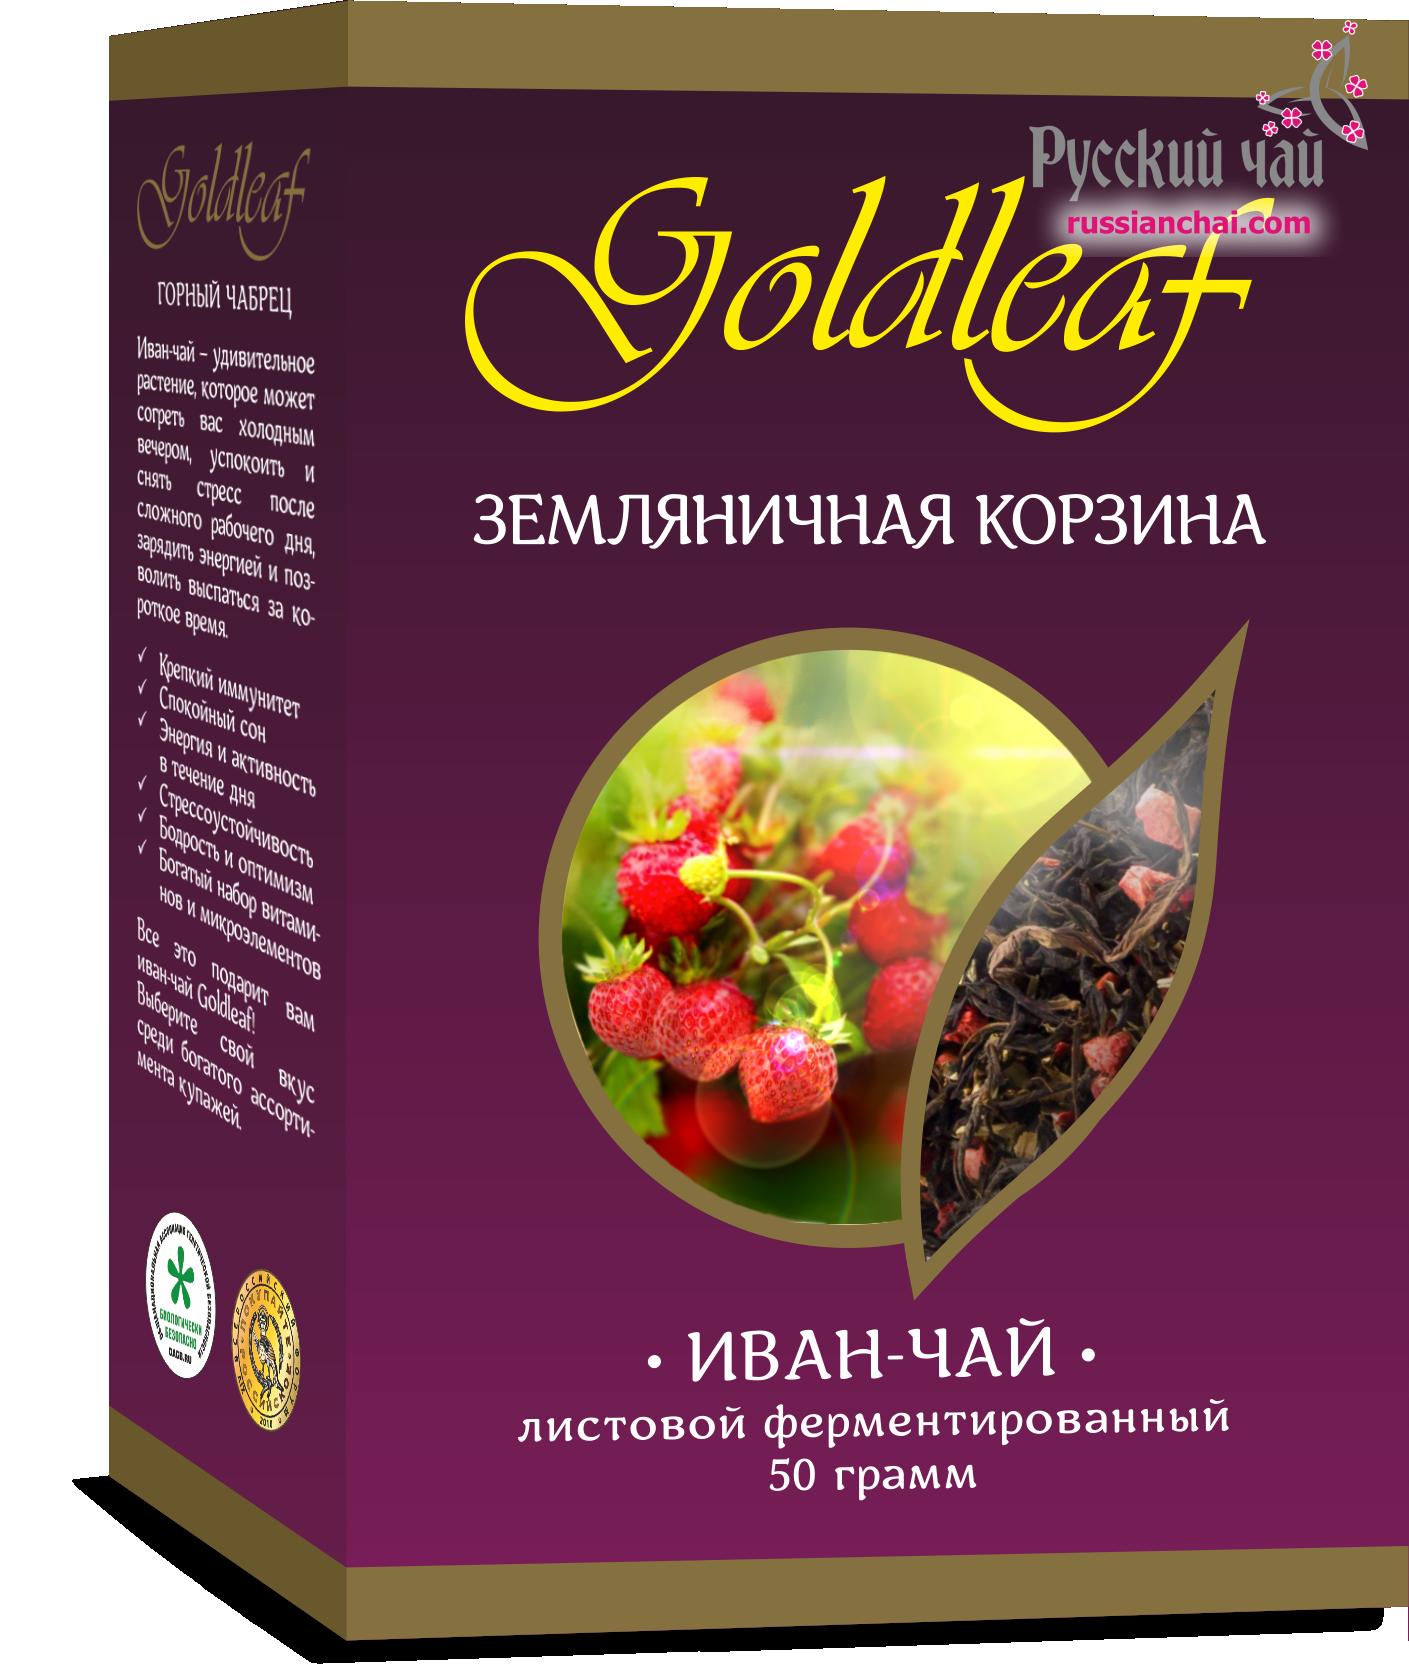 Иван-чай «Земляничная корзина»